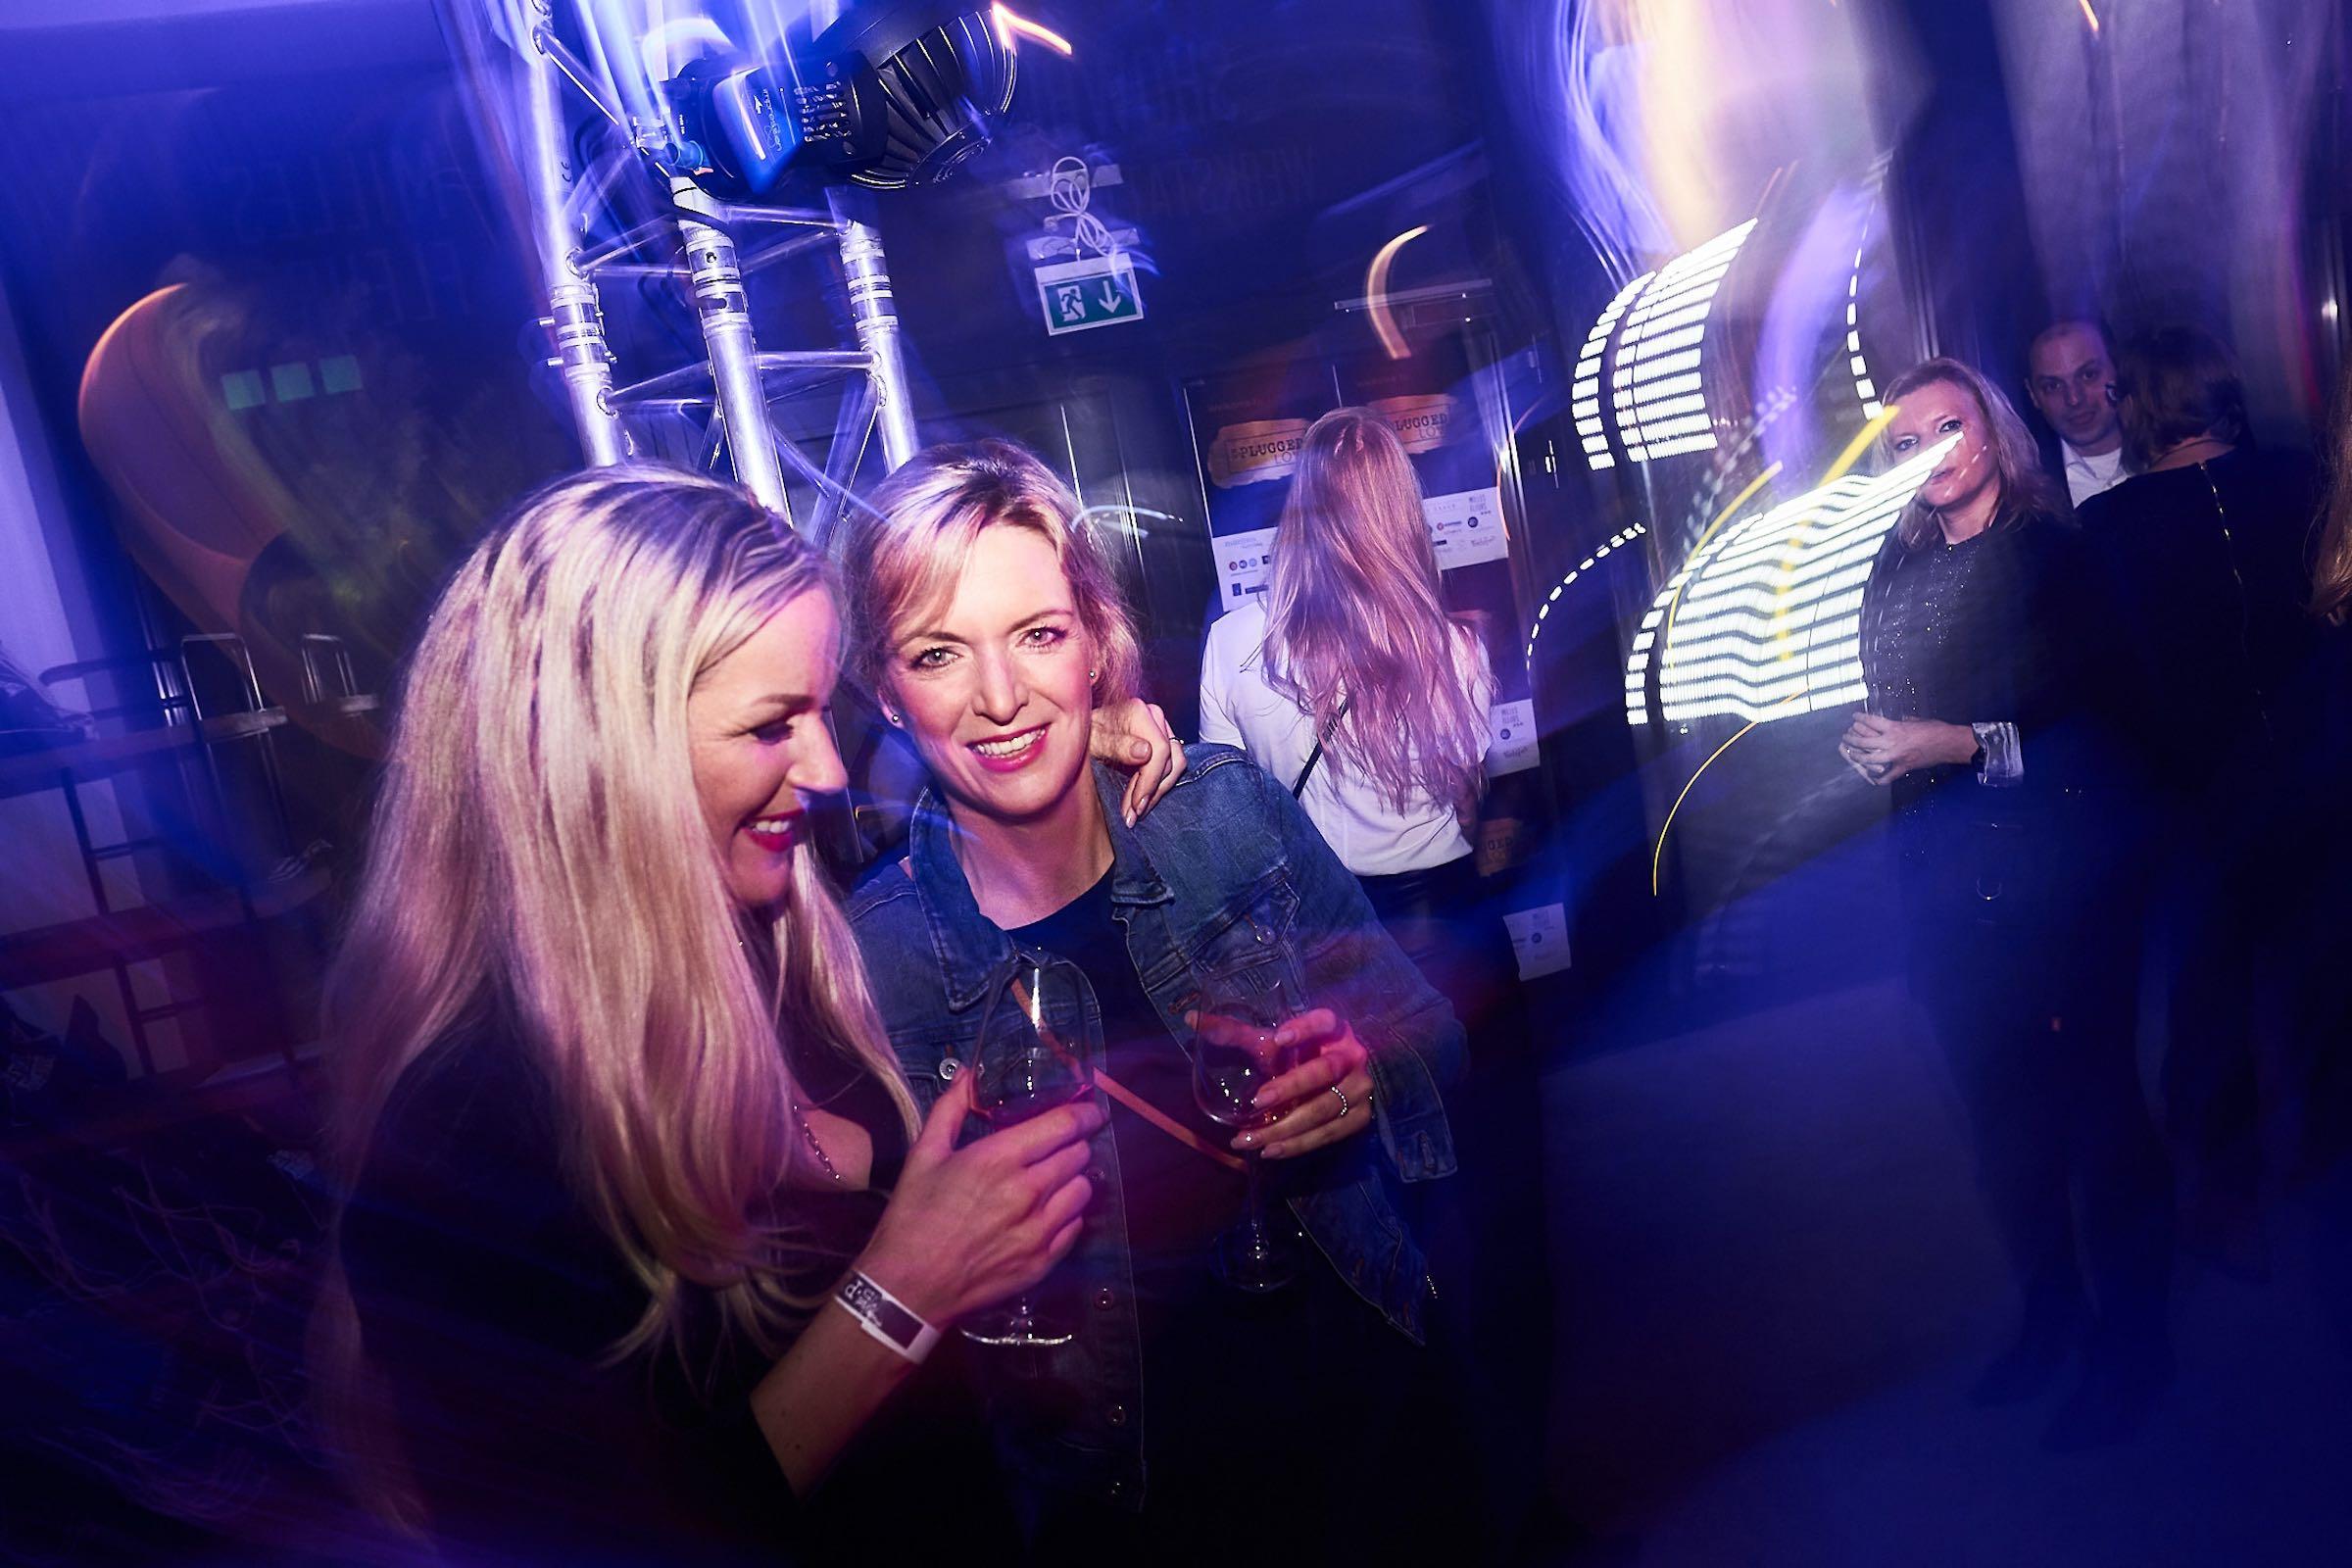 DJ | Hannover | Hannover | DJ | Messe | Hochzeits | DJ | Firmenevent | Firmenfeier | DJ | Geburtstag | DJ | Weihnachtsfeier | DJ | Sommerfest | Buchen | Mieten | Lehmann | Eventservice